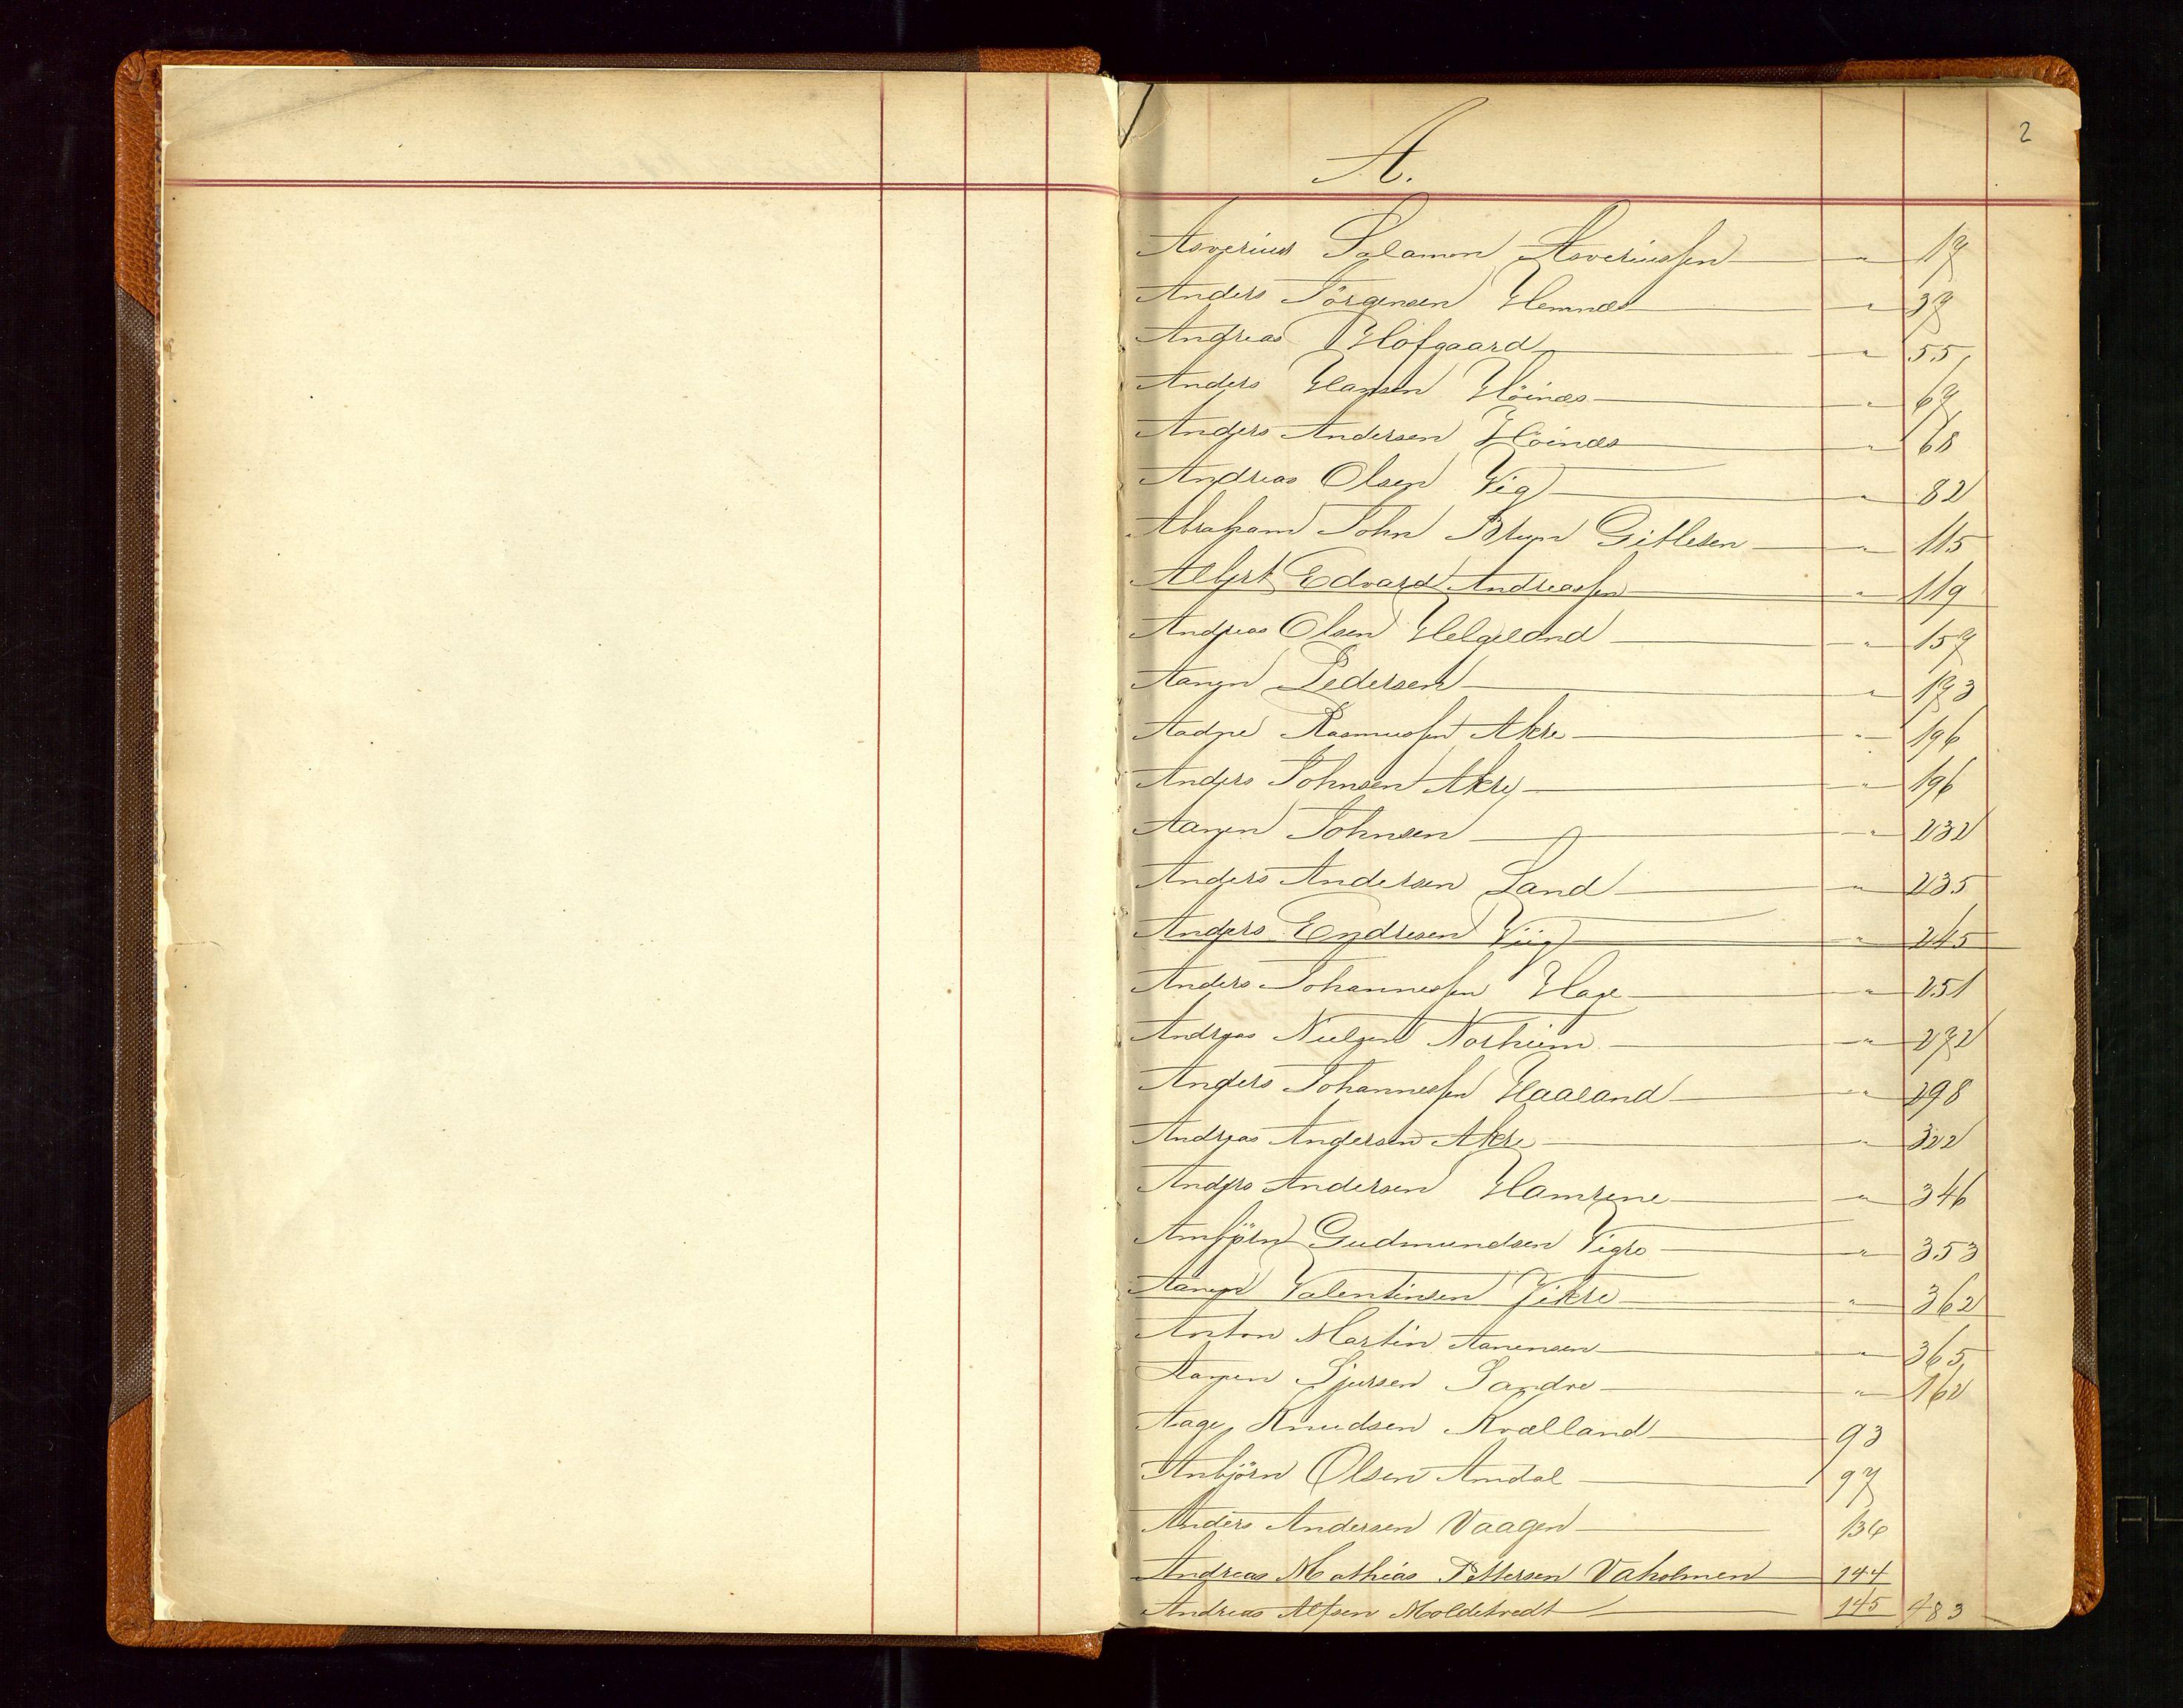 SAST, Haugesund sjømannskontor, F/Fb/Fba/L0001: Navneregister med henvisning til rullenr (Fornavn) Skudenes krets, 1860-1948, s. 2